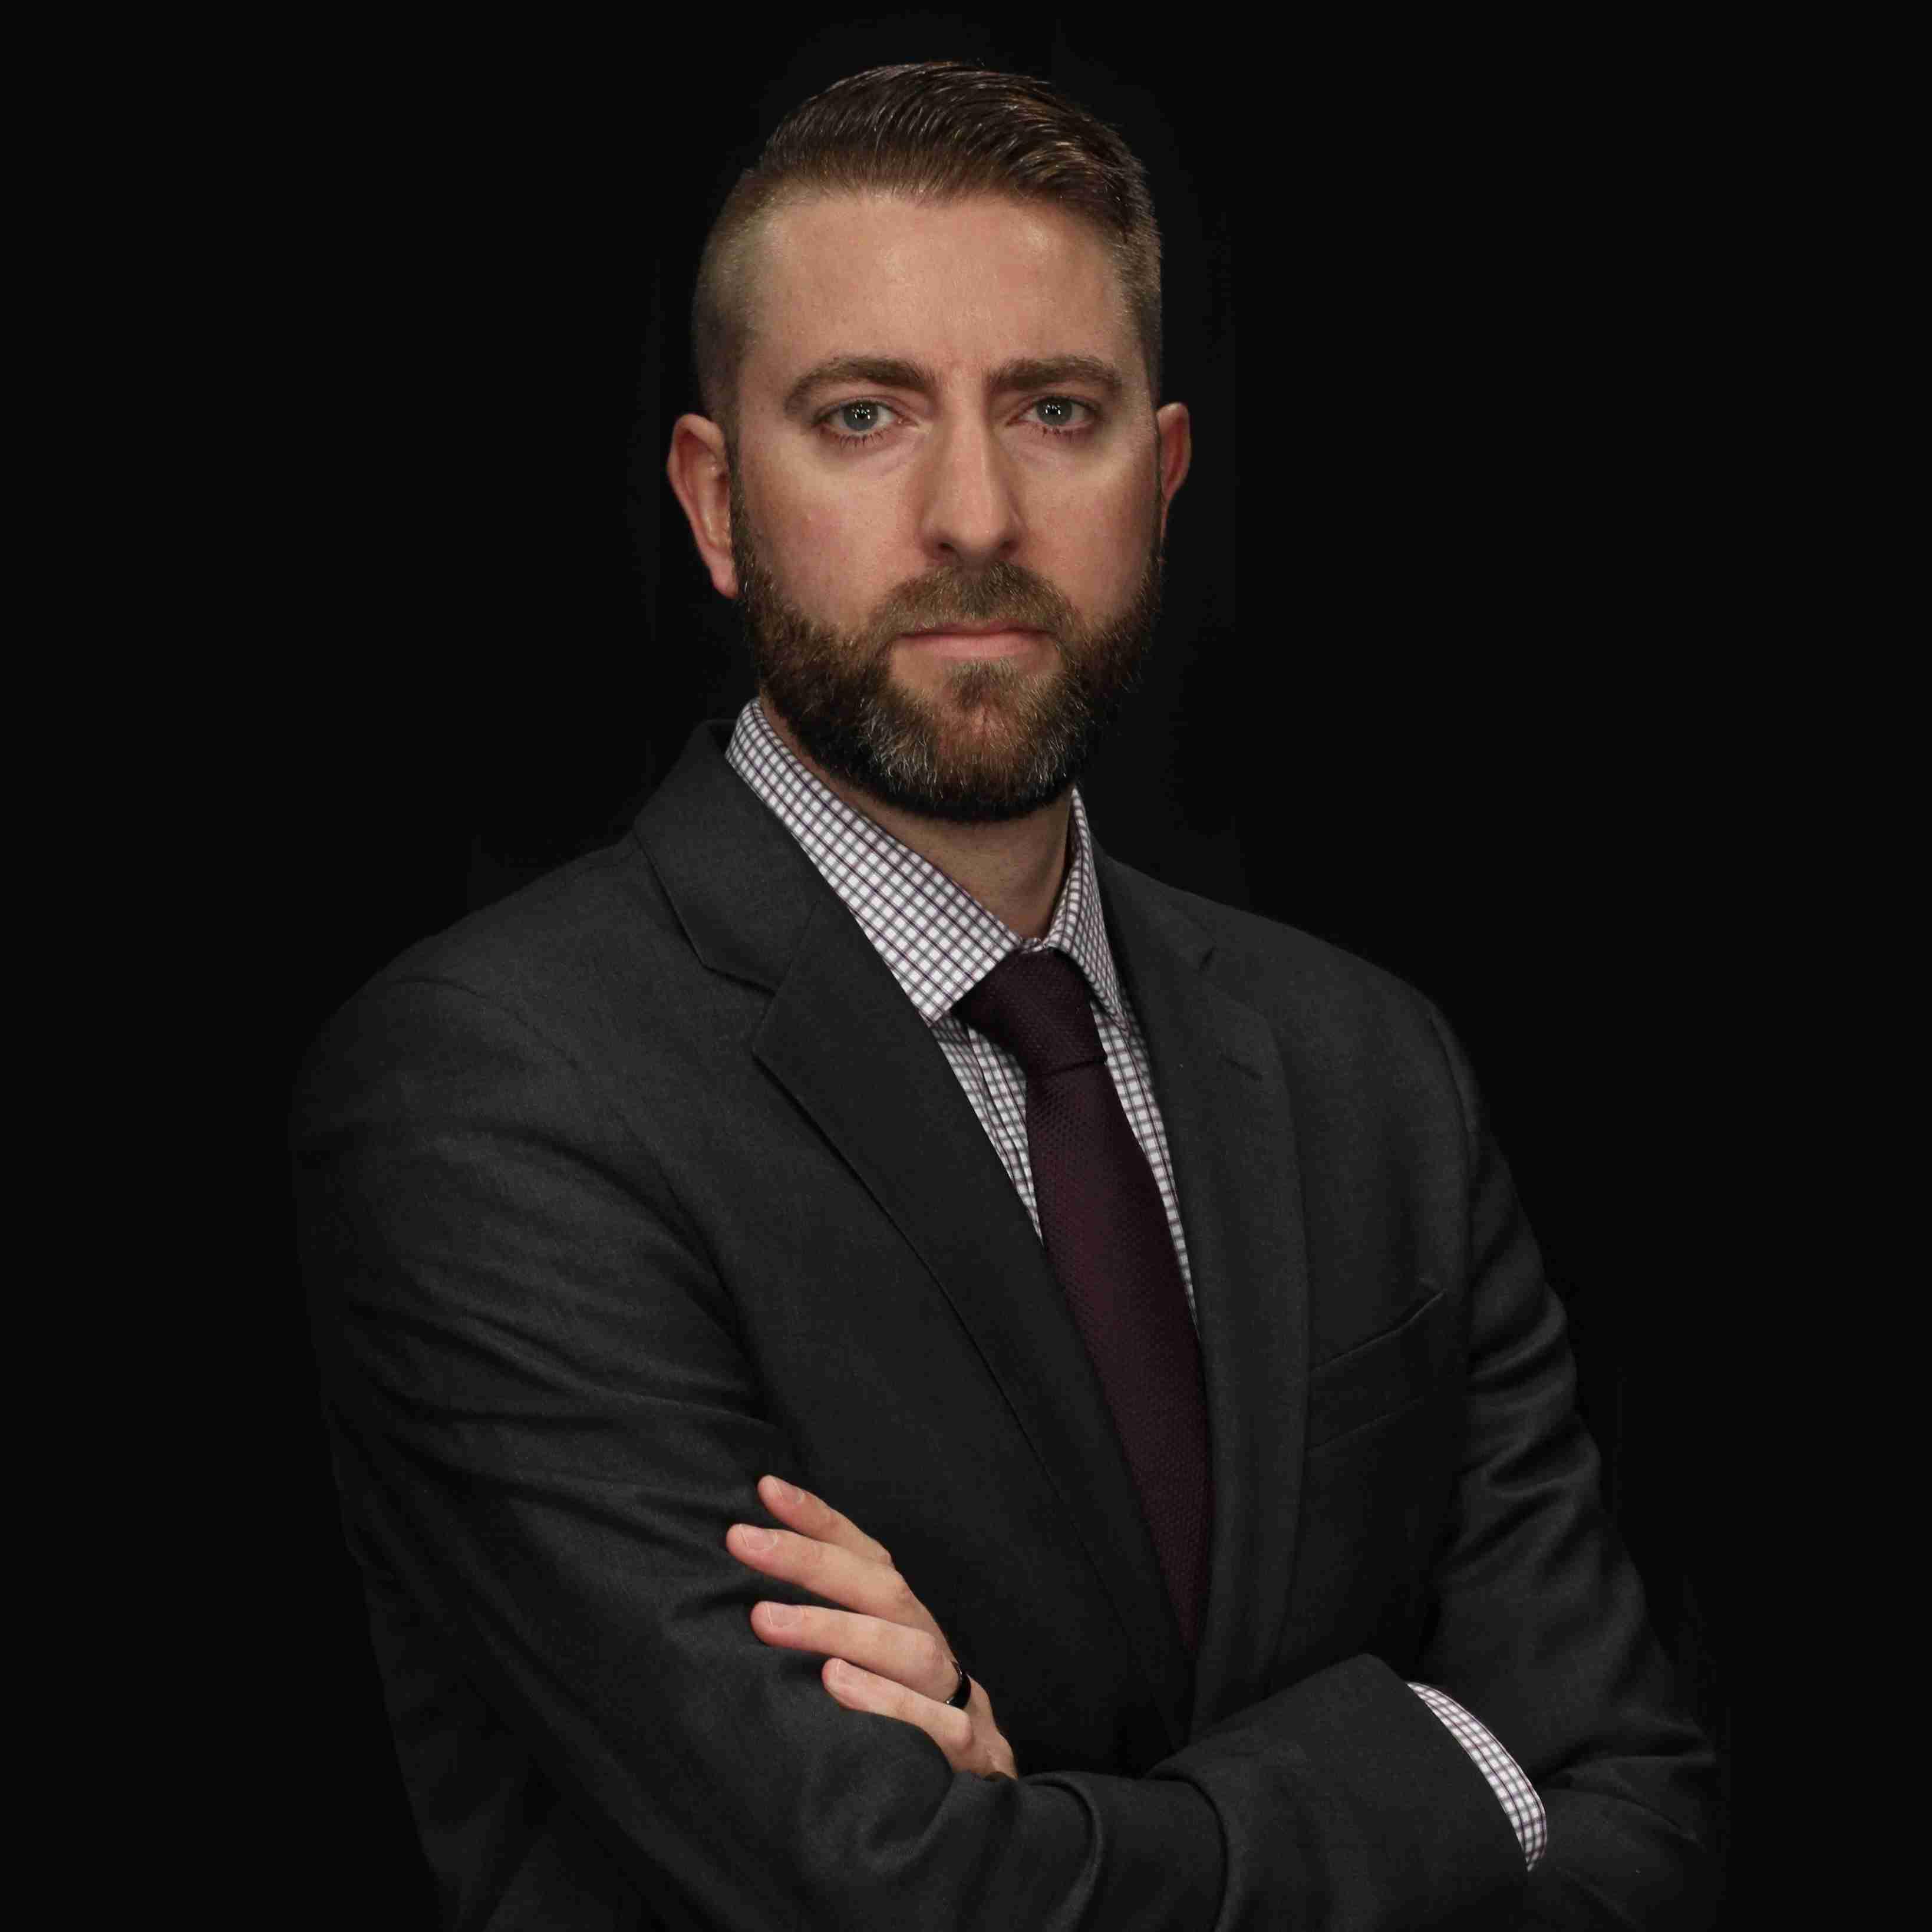 Dustin Walsh, Senior Reporter, Crain's Detroit Business